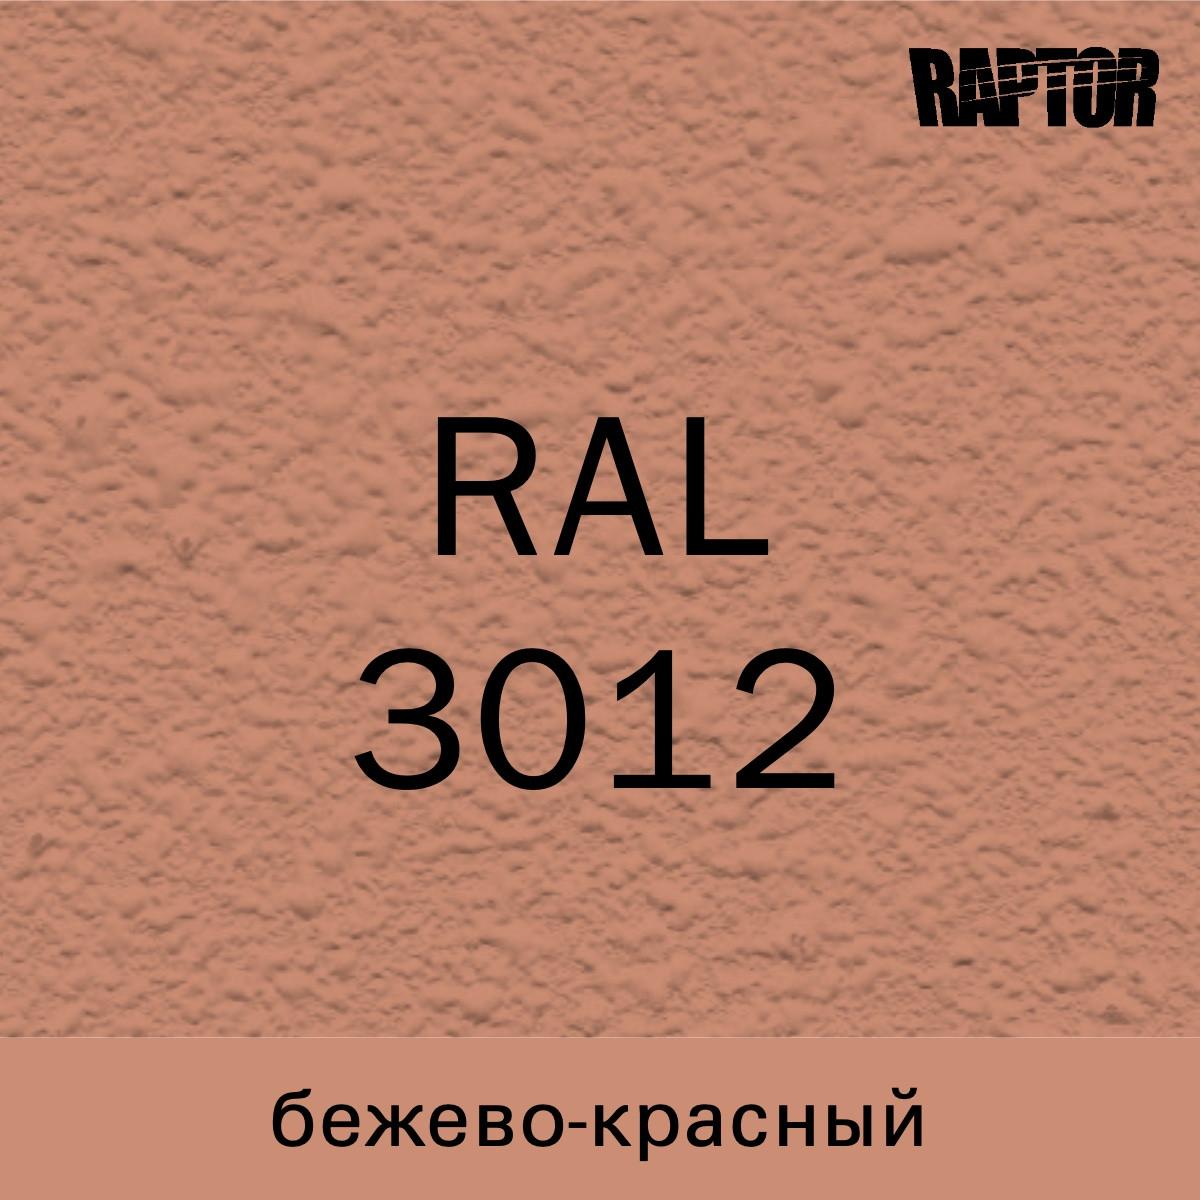 Пигмент для колеровки покрытия RAPTOR™ Бежево-красный (RAL 3012)